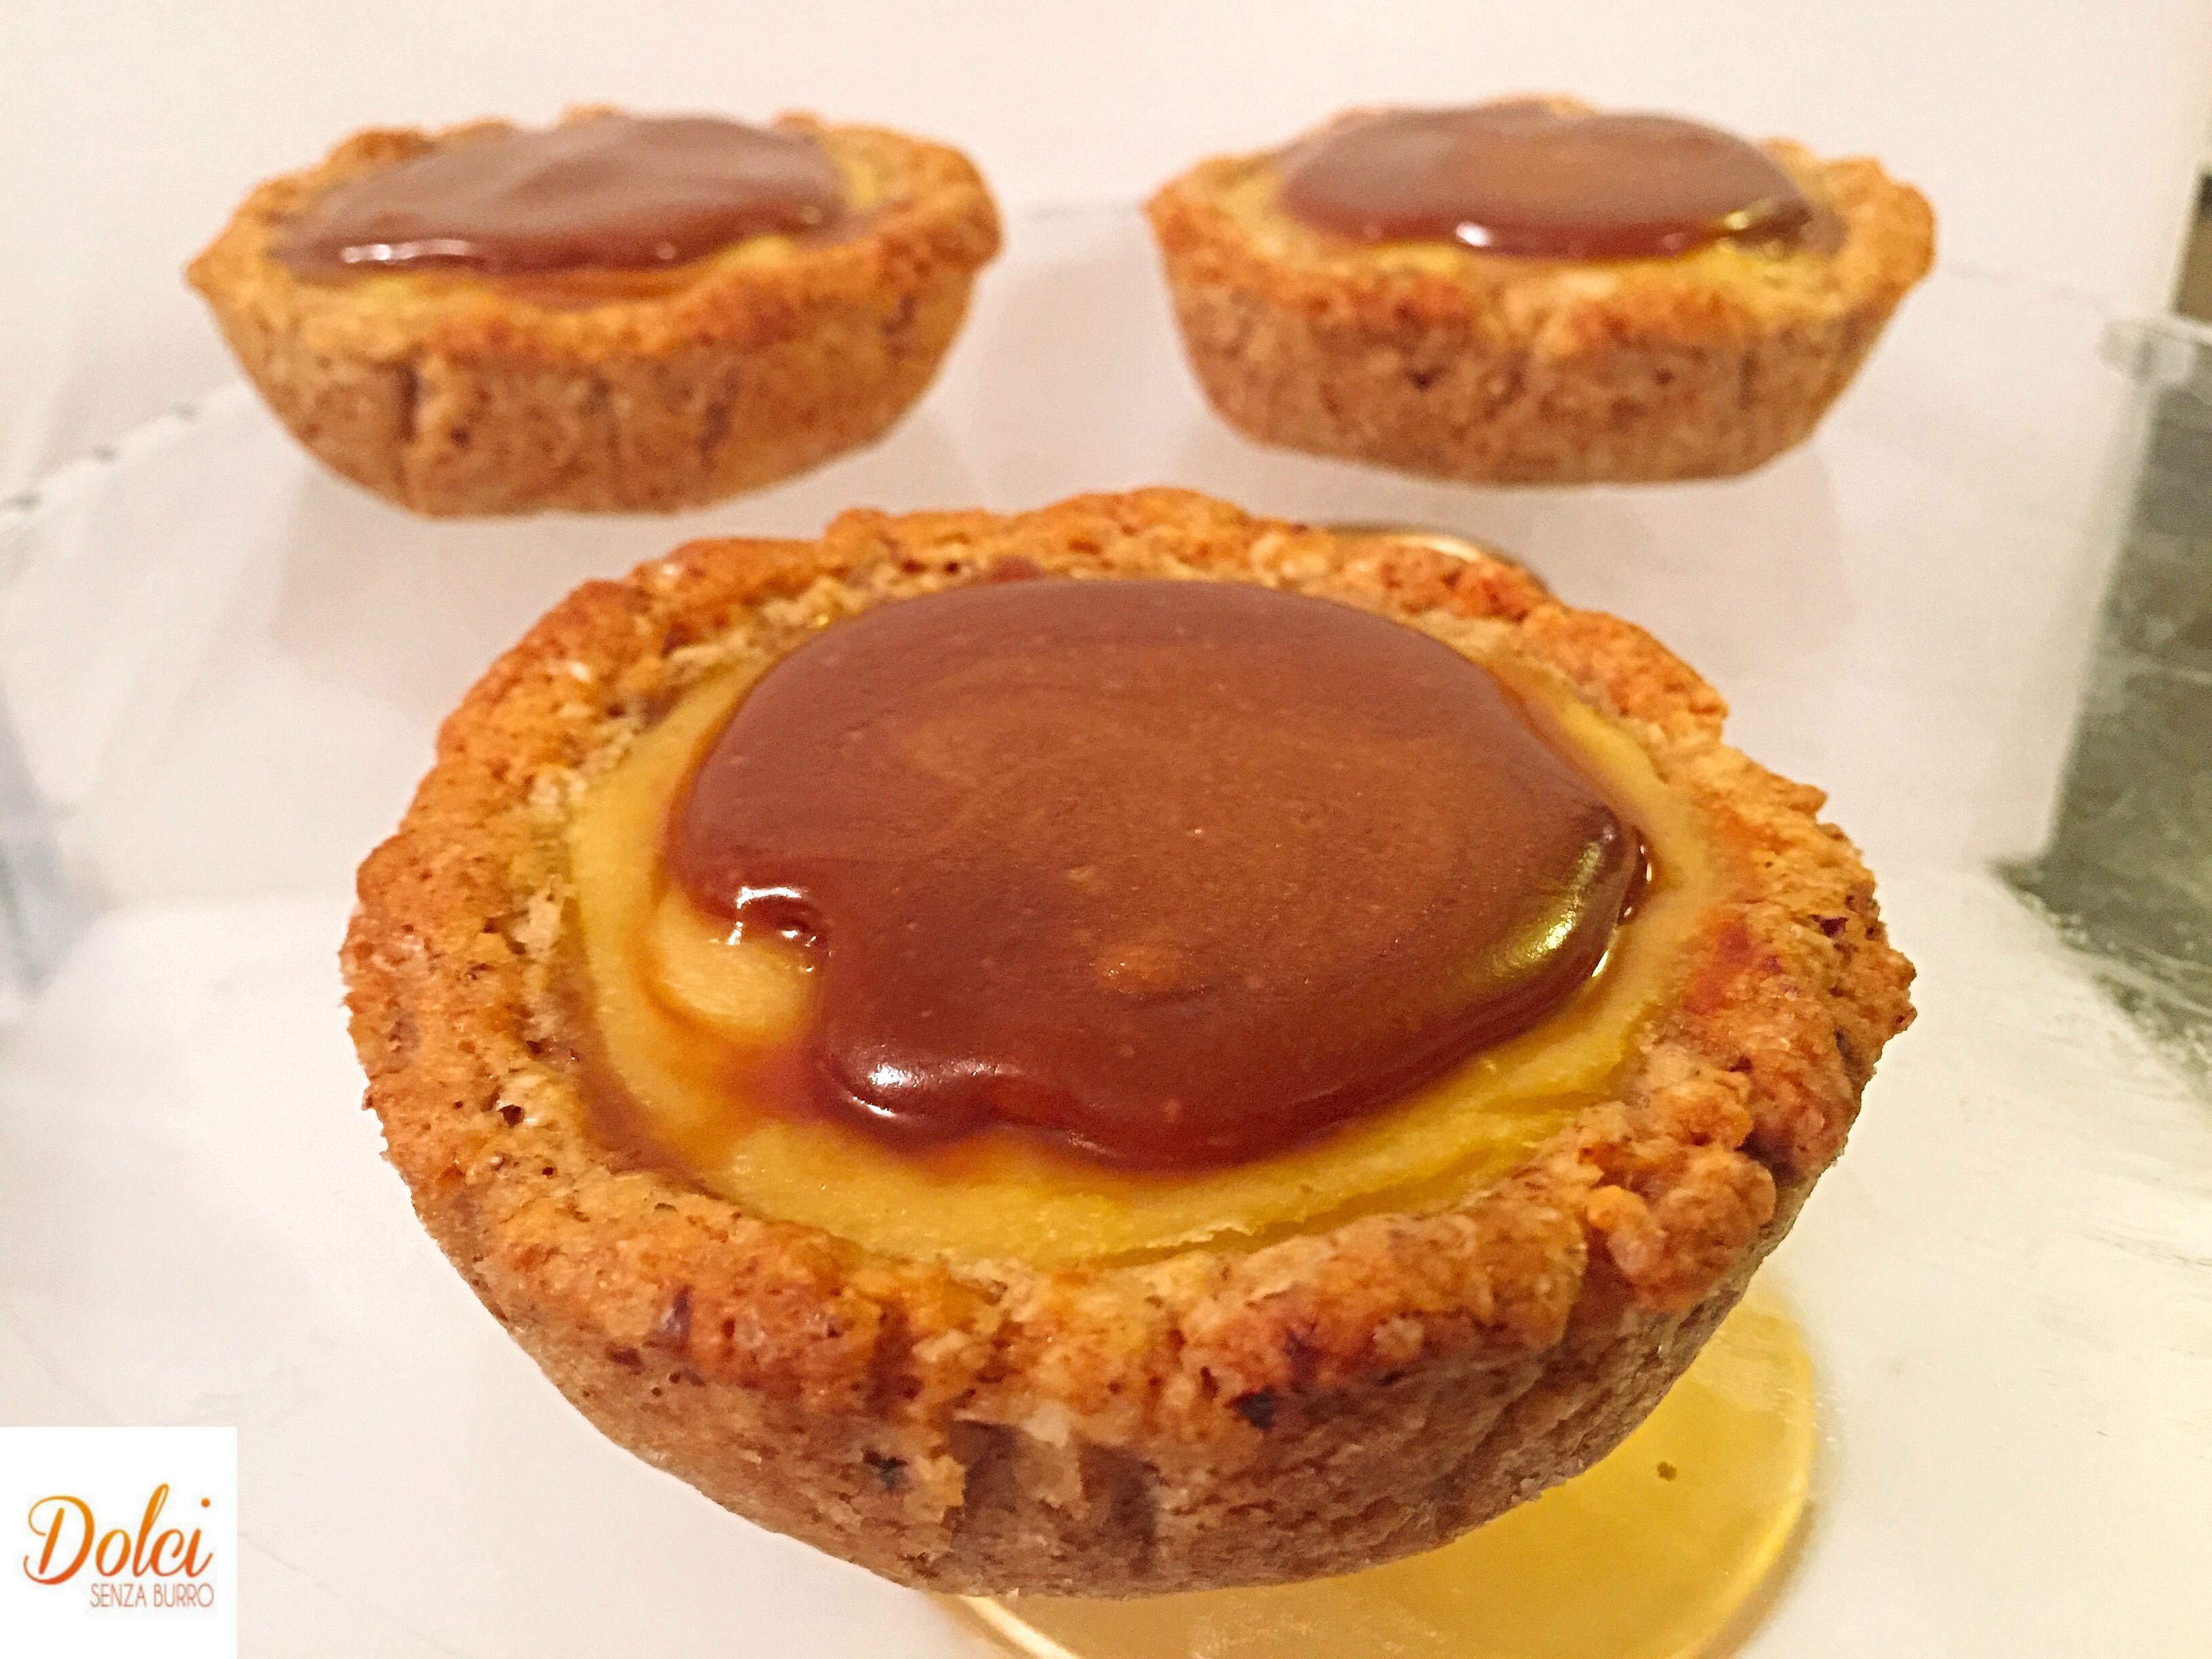 Le Crostatine alla Crema e Mou Senza Burro, un dolce sfizioso e goloso di dolci senza burro